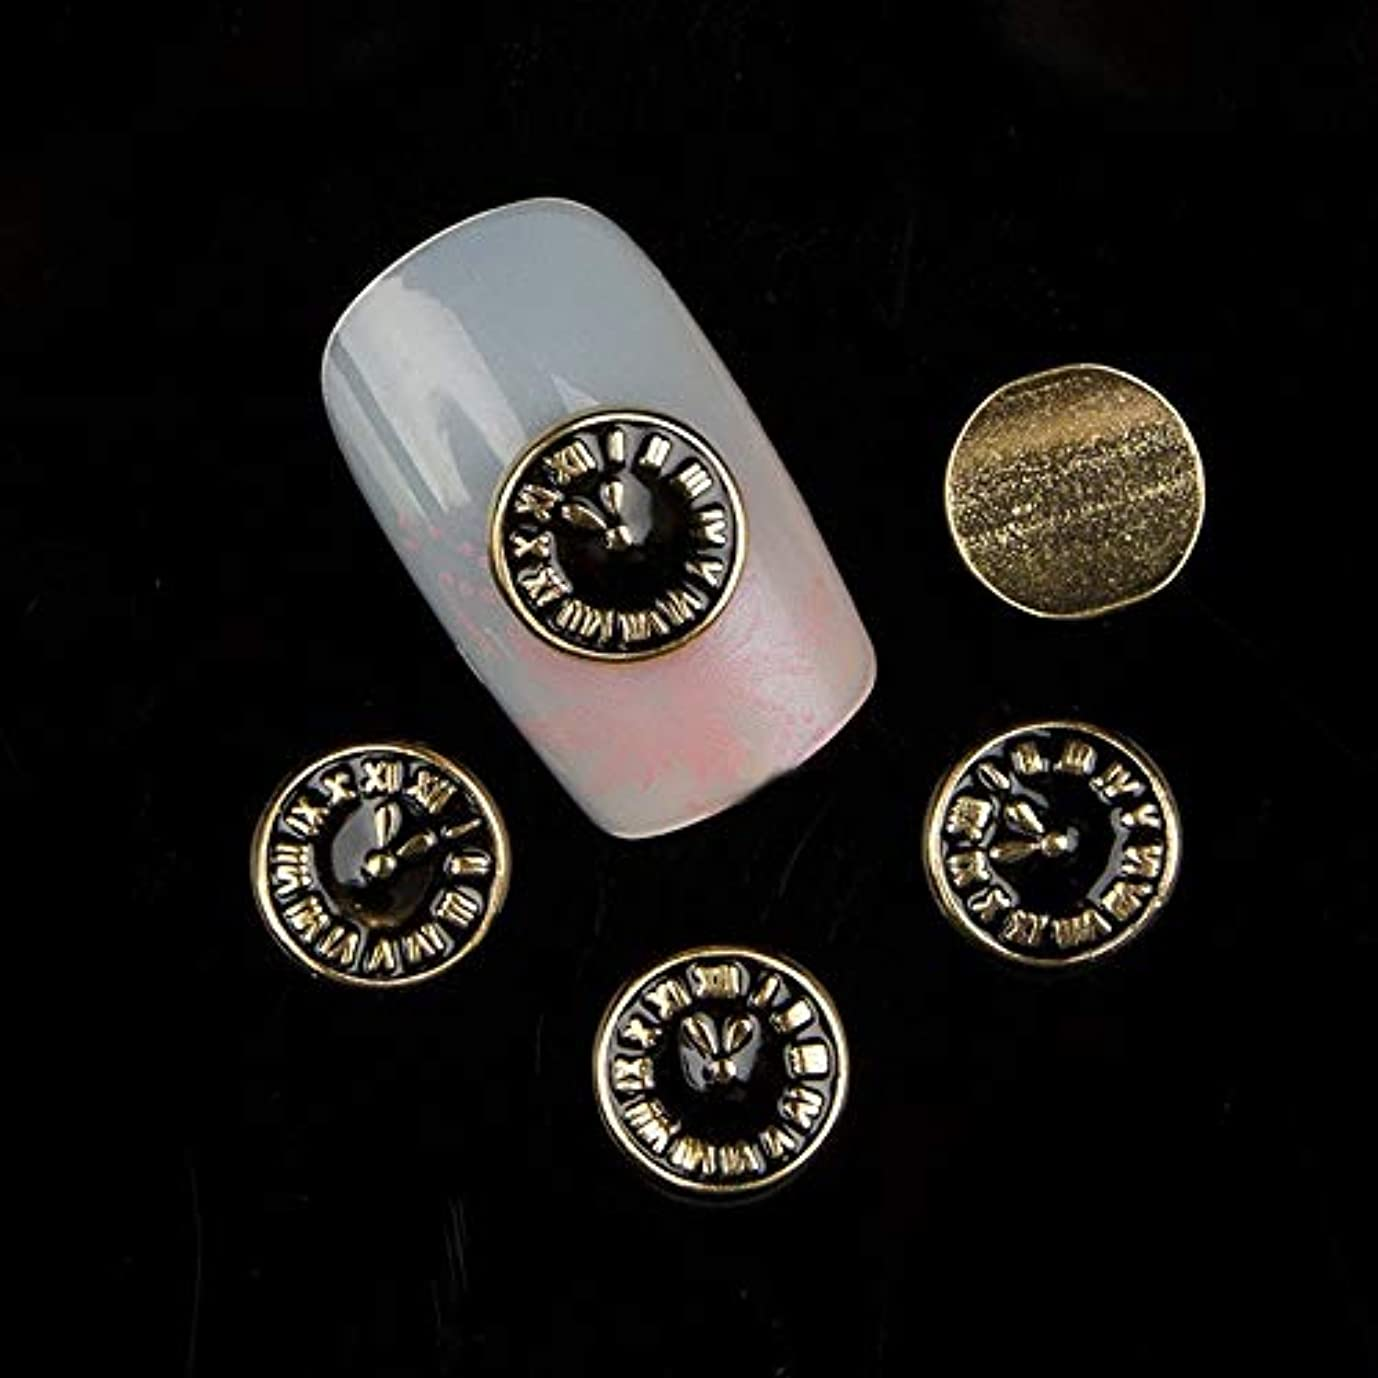 消毒剤乱暴な継続中10個入り/ロットゴールドブラックネイル合金スタッド3Dメタル時計ネイルアートの装飾マニキュアデザイン